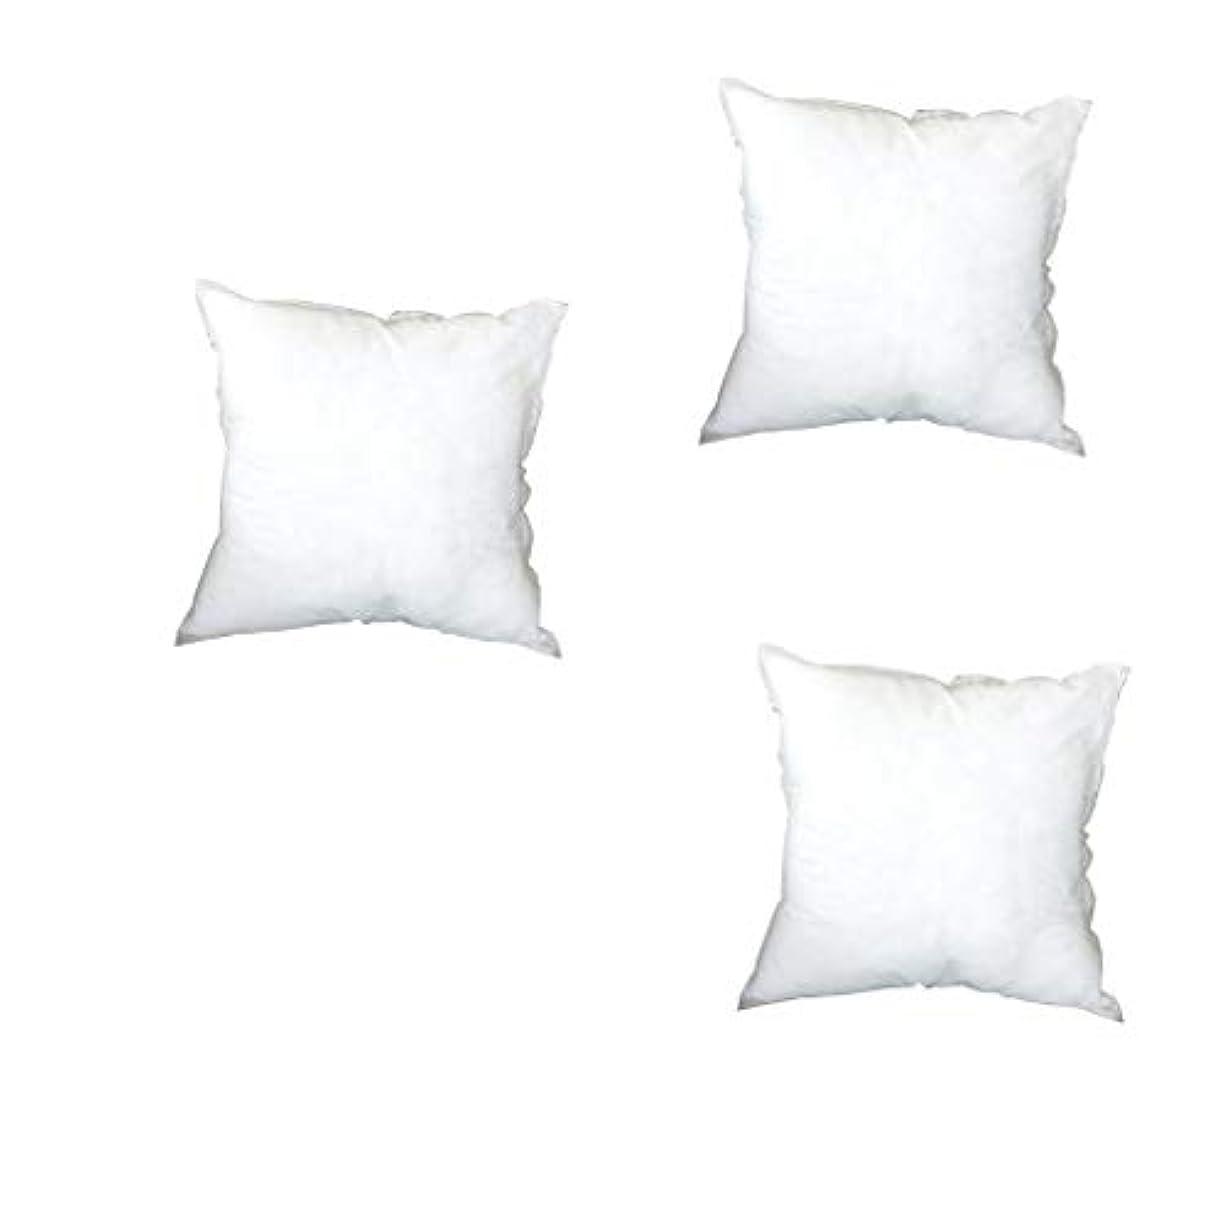 カカドゥ抽象早熟LIFE 寝具正方形 PP 綿枕インテリア家の装飾白 45 × 45 車のソファチェアクッション coussin decoratif 新 クッション 椅子